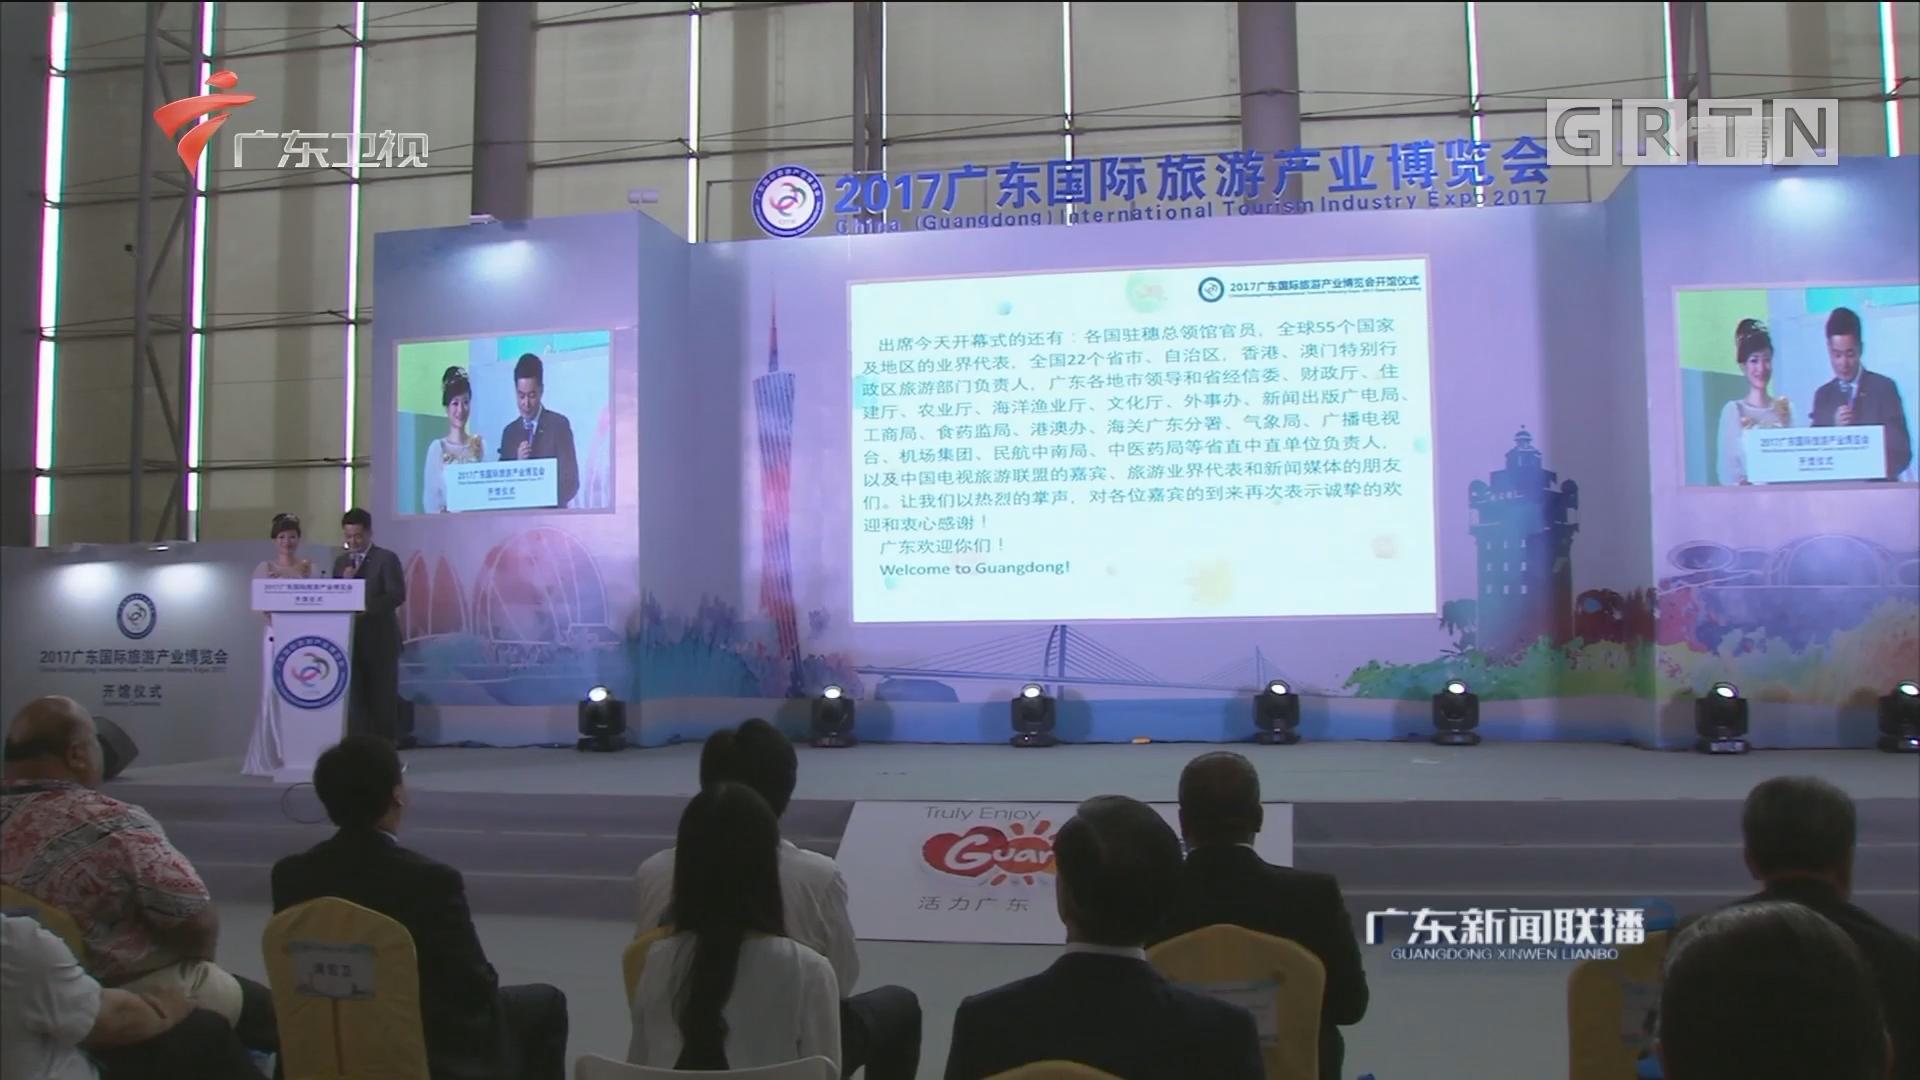 2017广东国际旅游产业博览会今天开幕